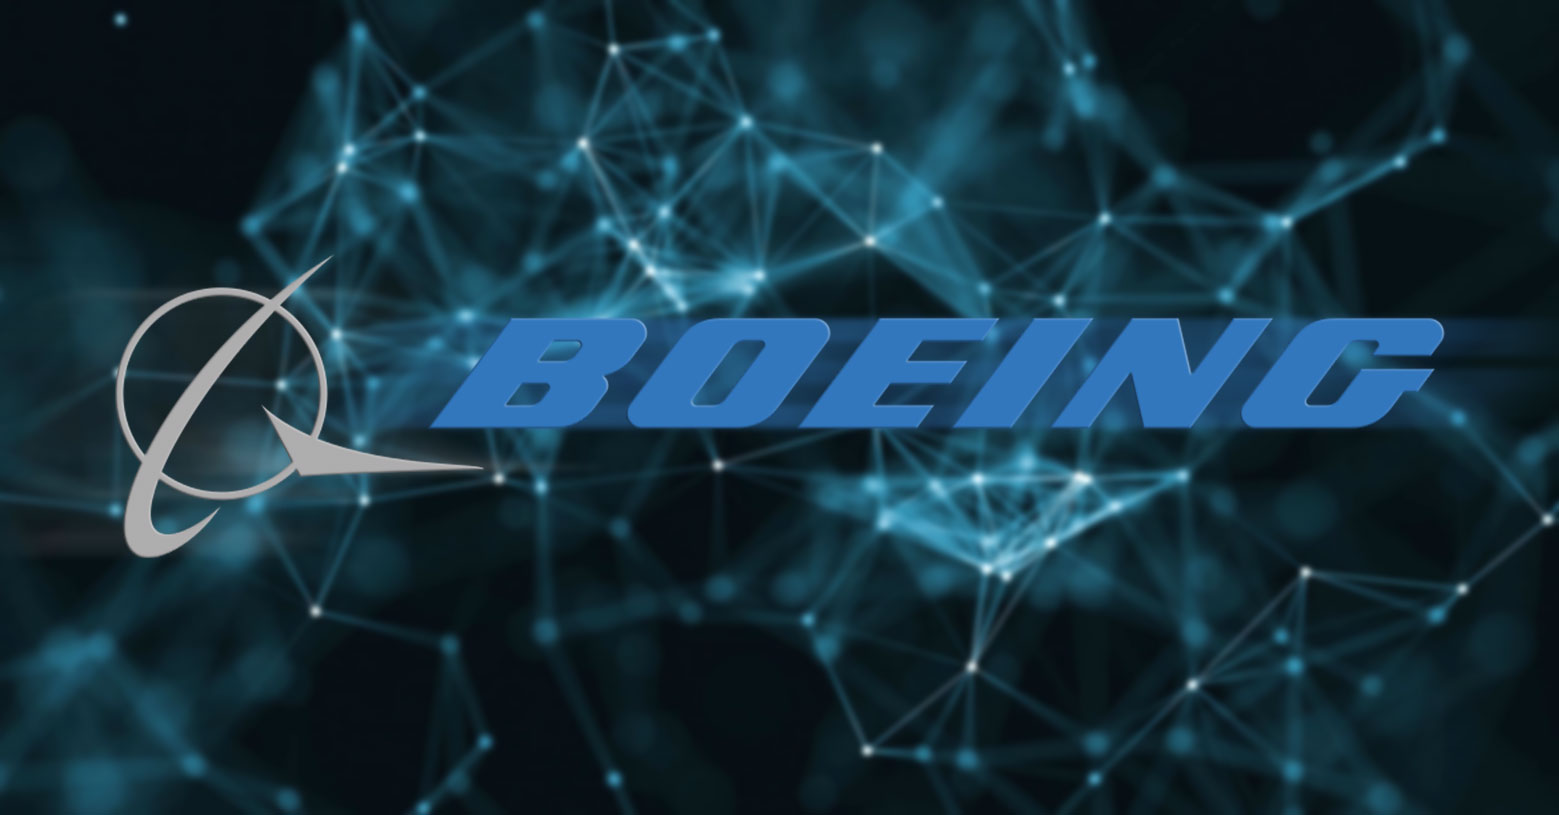 Boeing blockchain